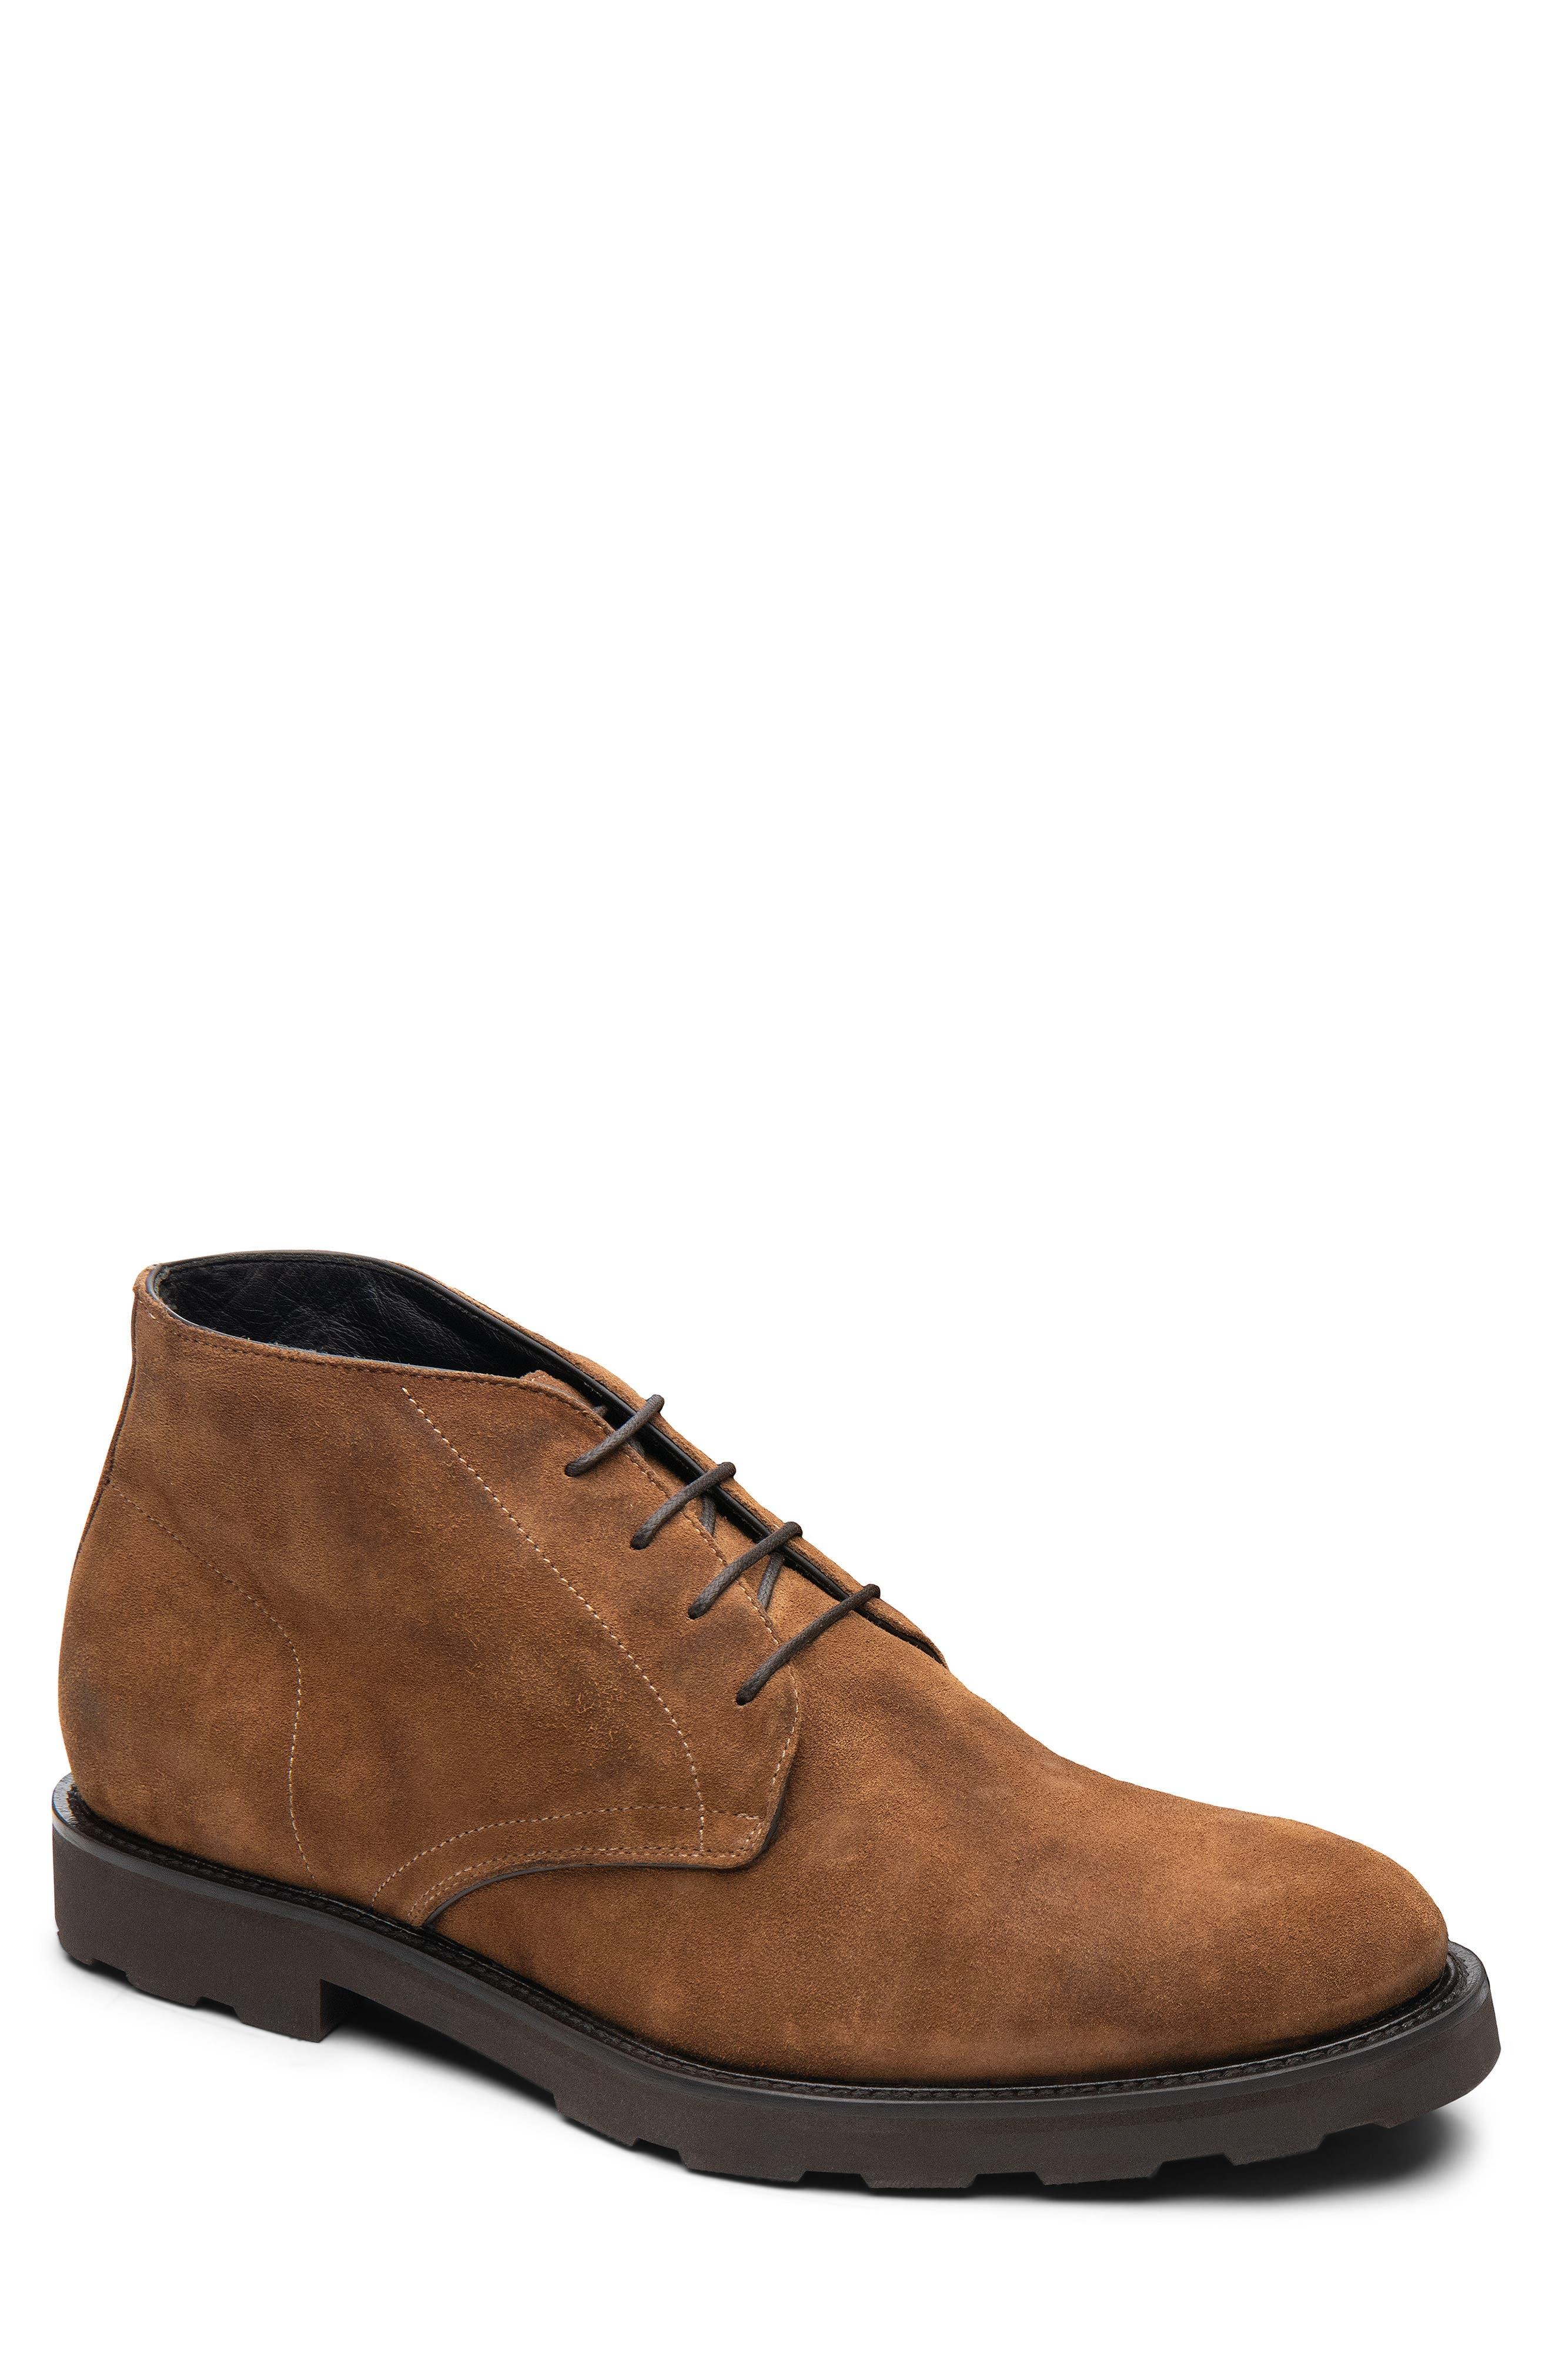 Wesley Chukka Boot